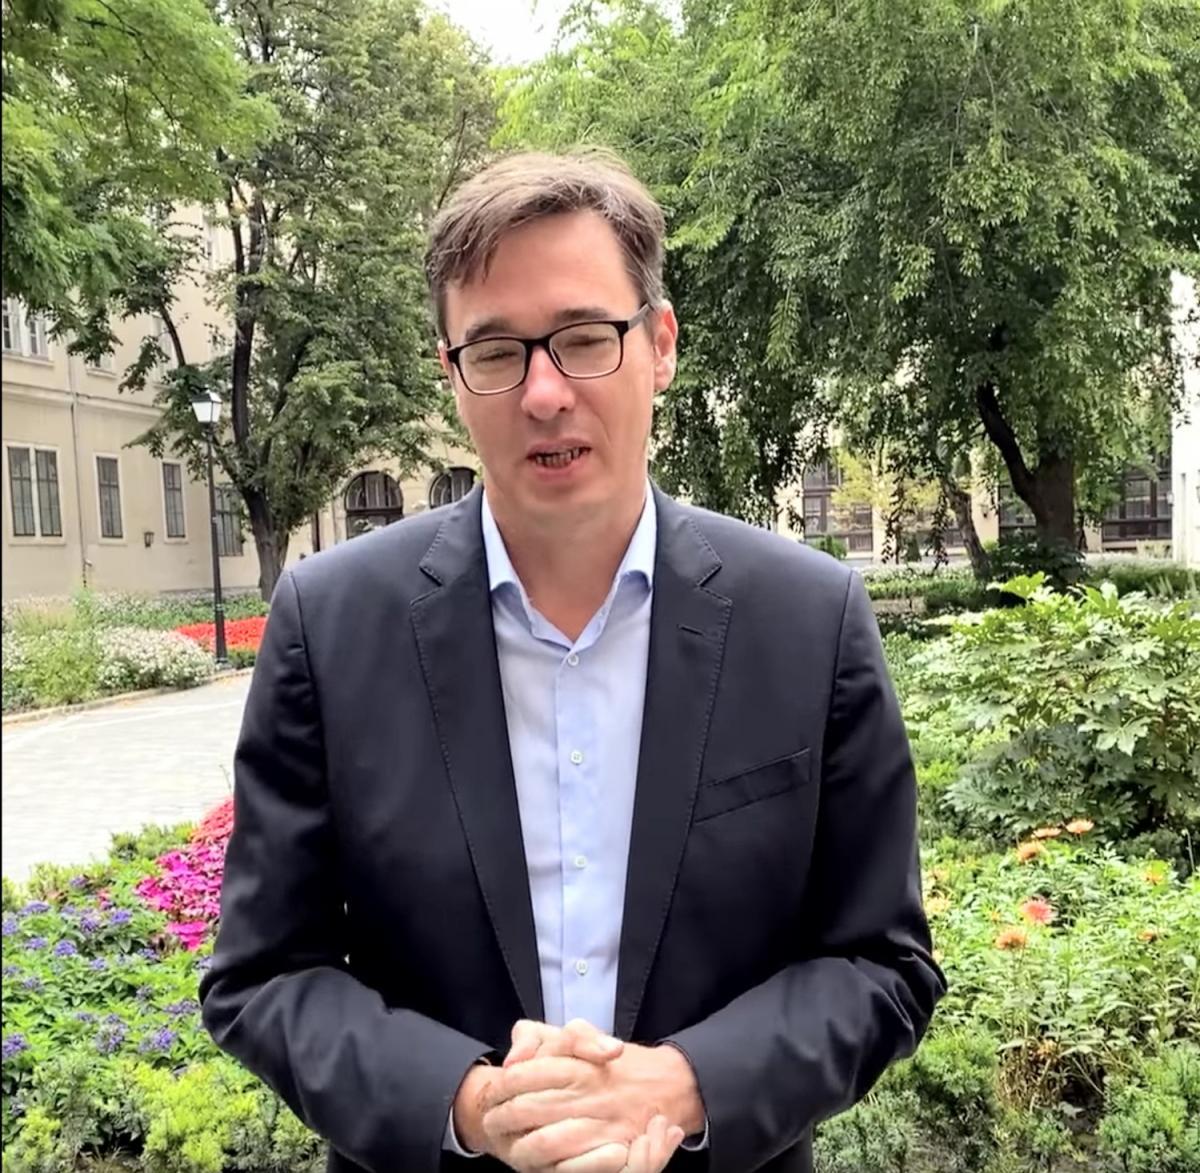 Karácsony azt hazudja, a Fidesz Kínából akarta meghekkelni az előválasztást